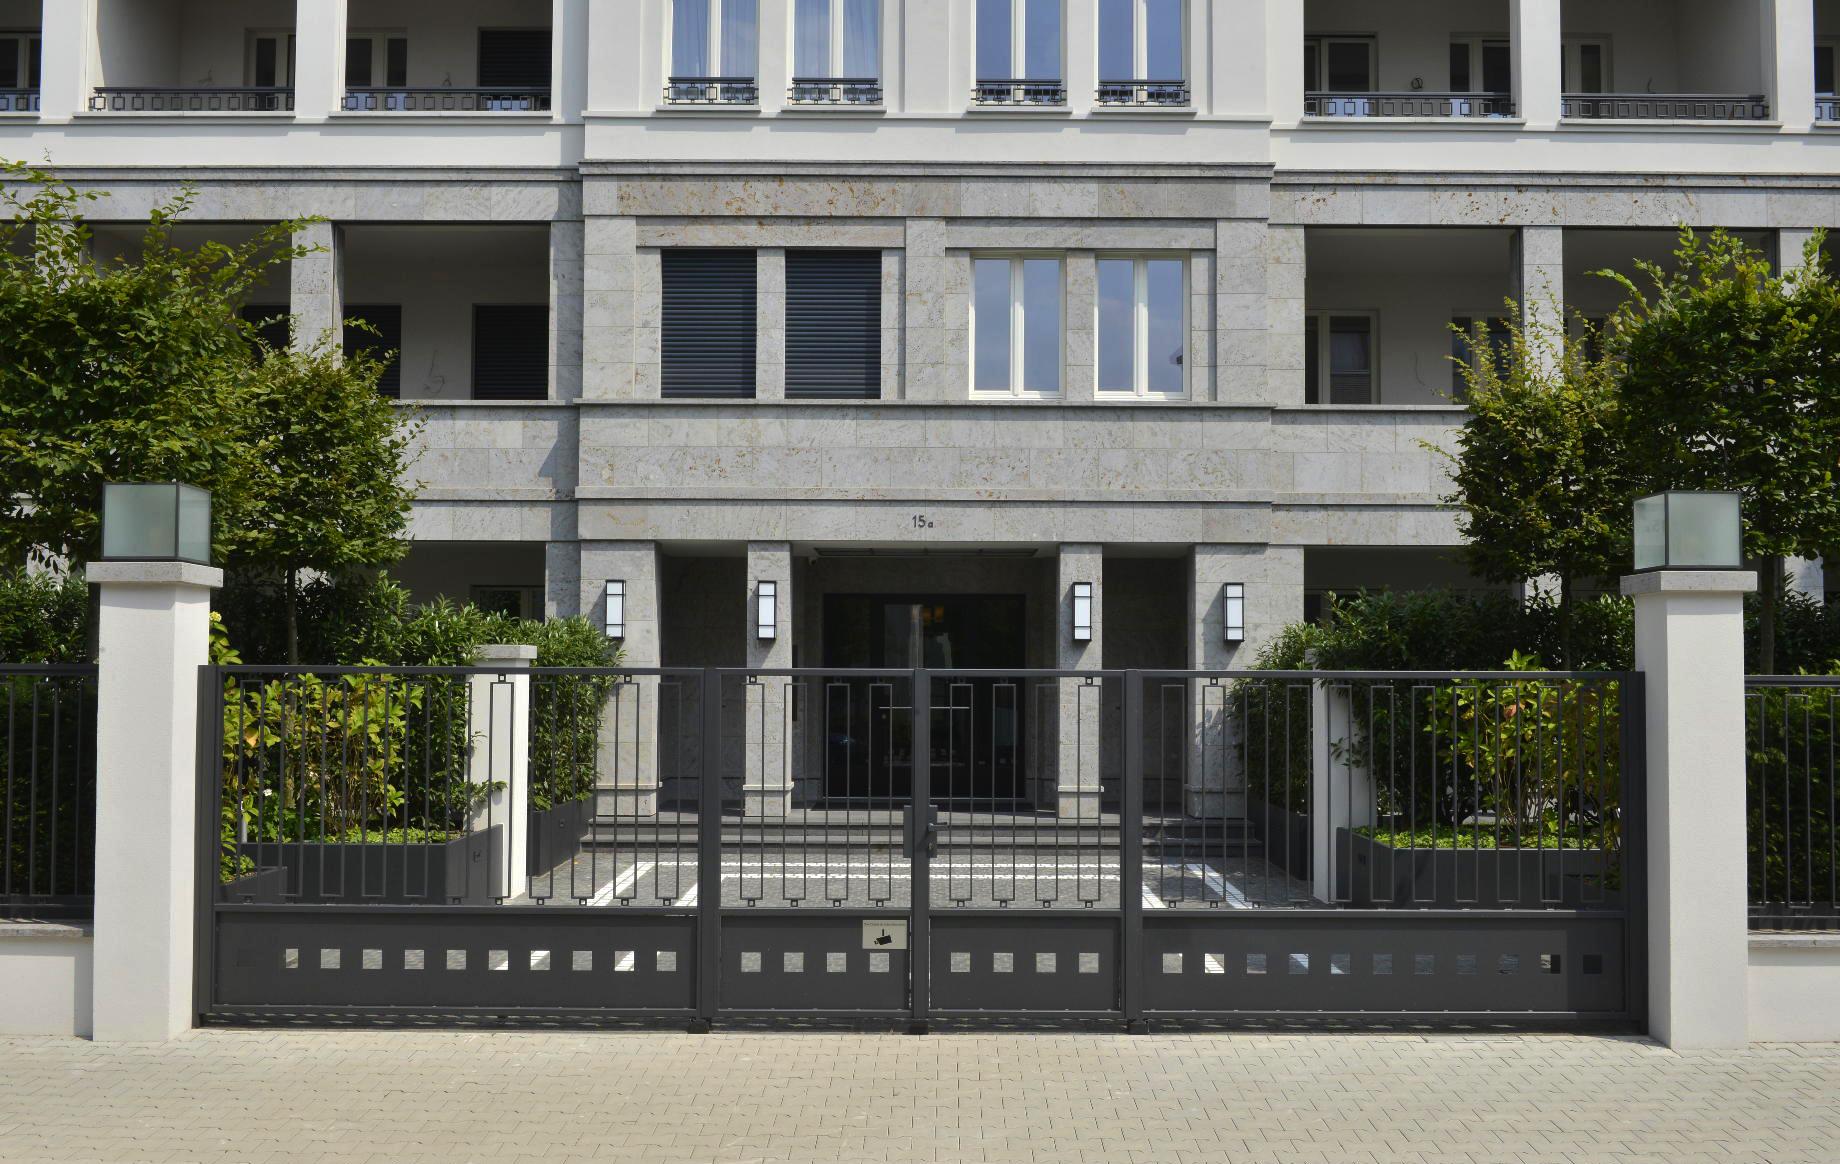 Frontansicht einer Luxuswohnanlage in Düsseldorf mit Fassadenplatten und Massivarbeiten aus grauem Mooser Muschelkalk von TRACO